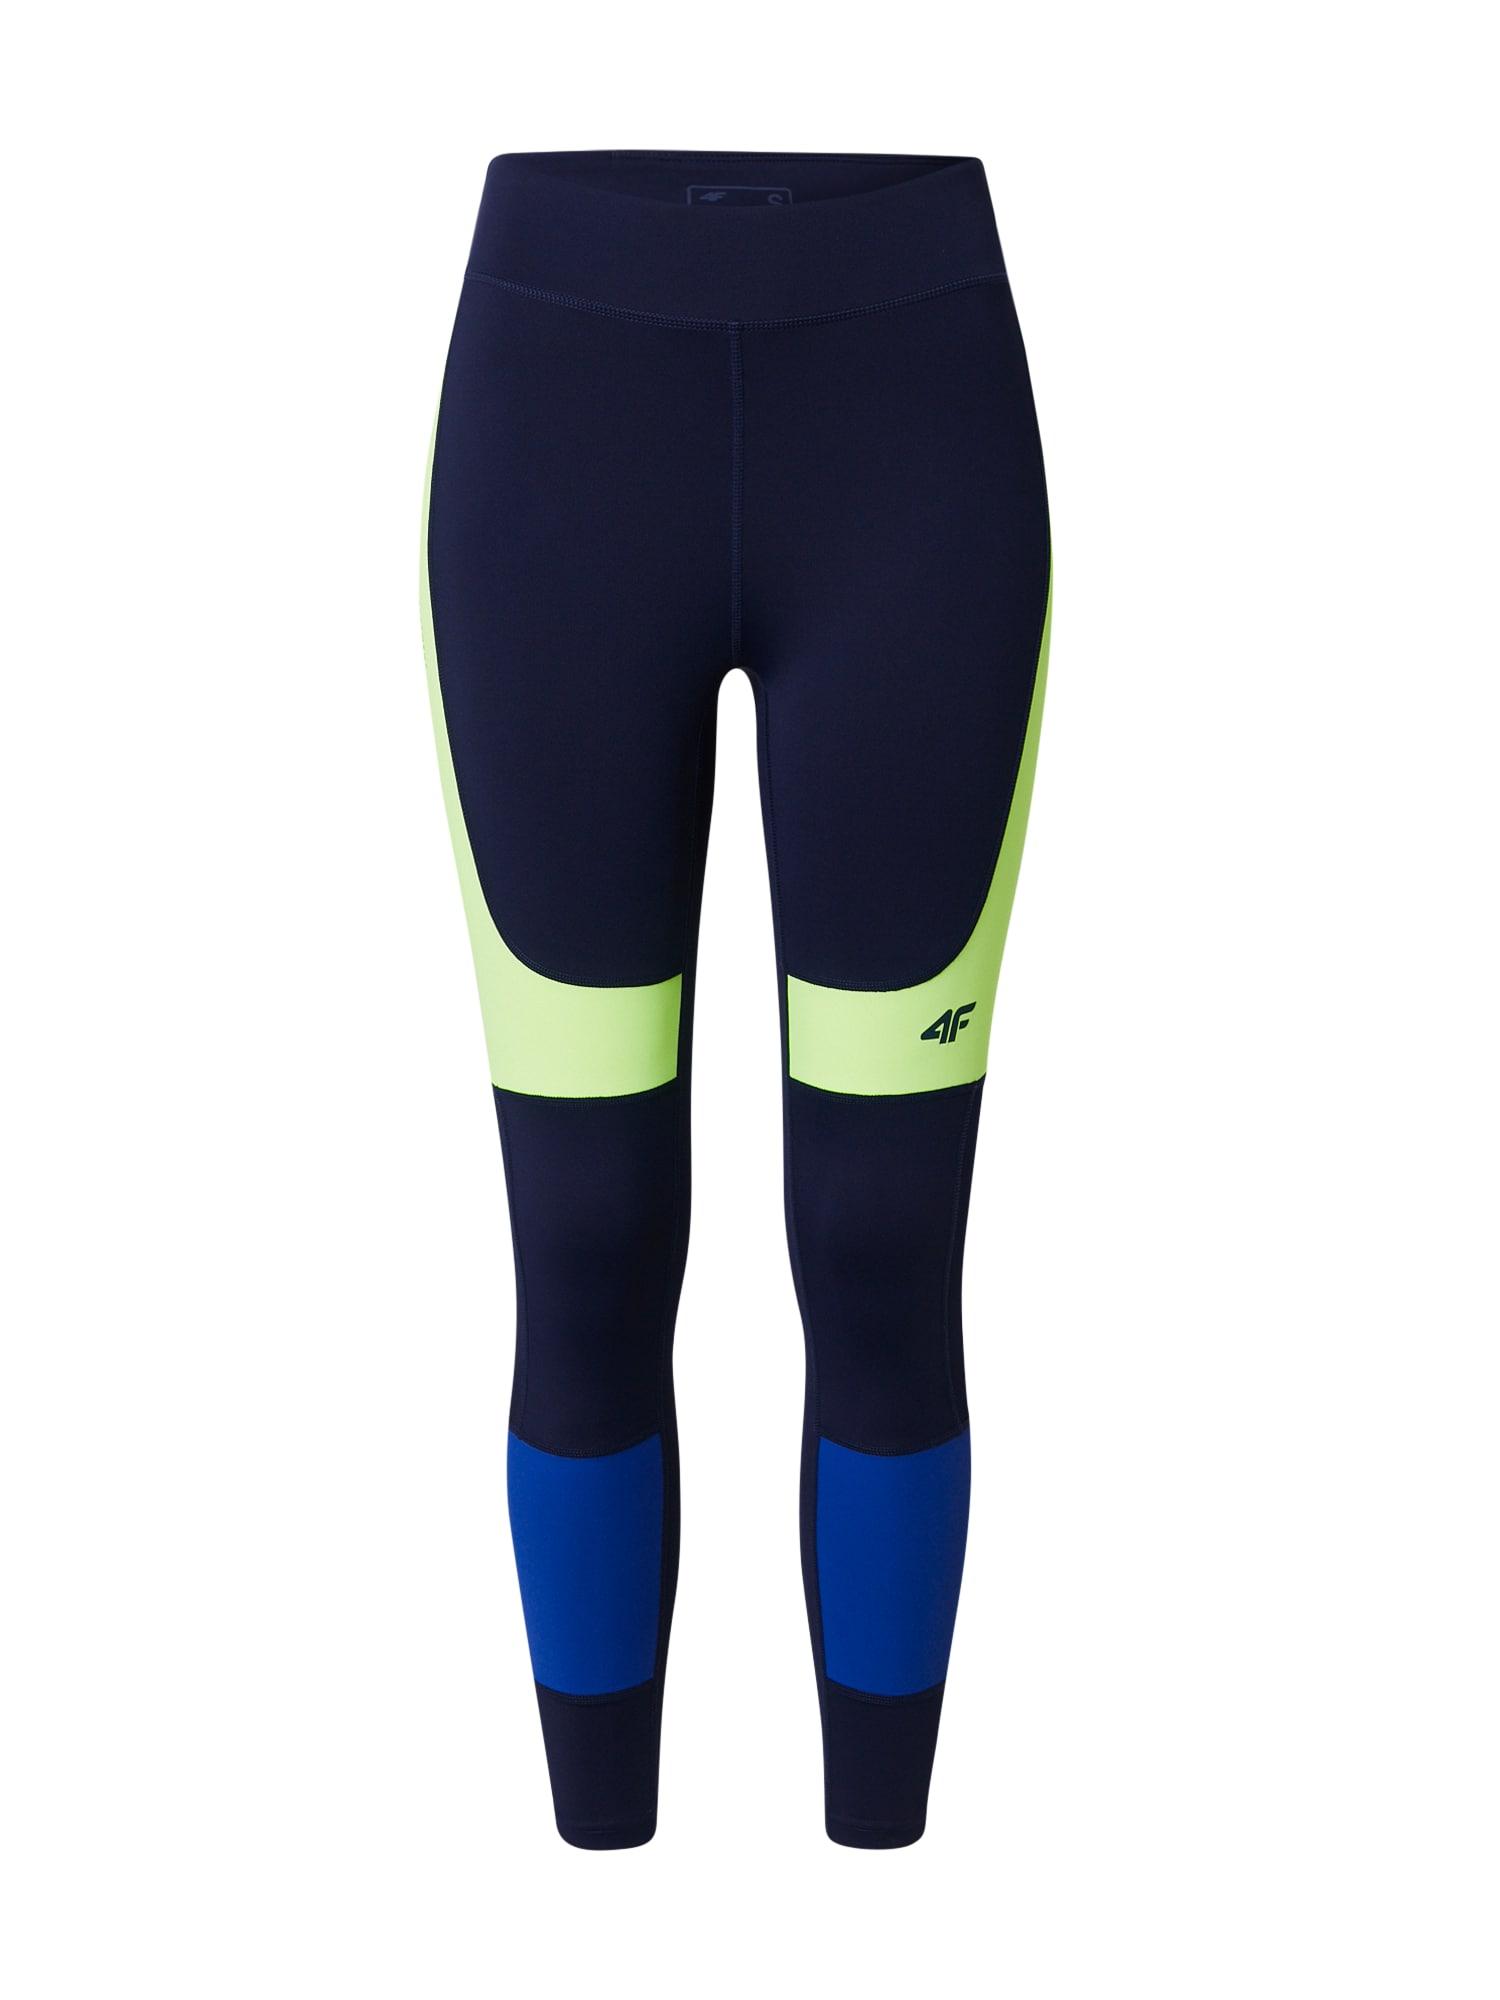 4F Sportinės kelnės tamsiai mėlyna / mėlyna / neoninė geltona